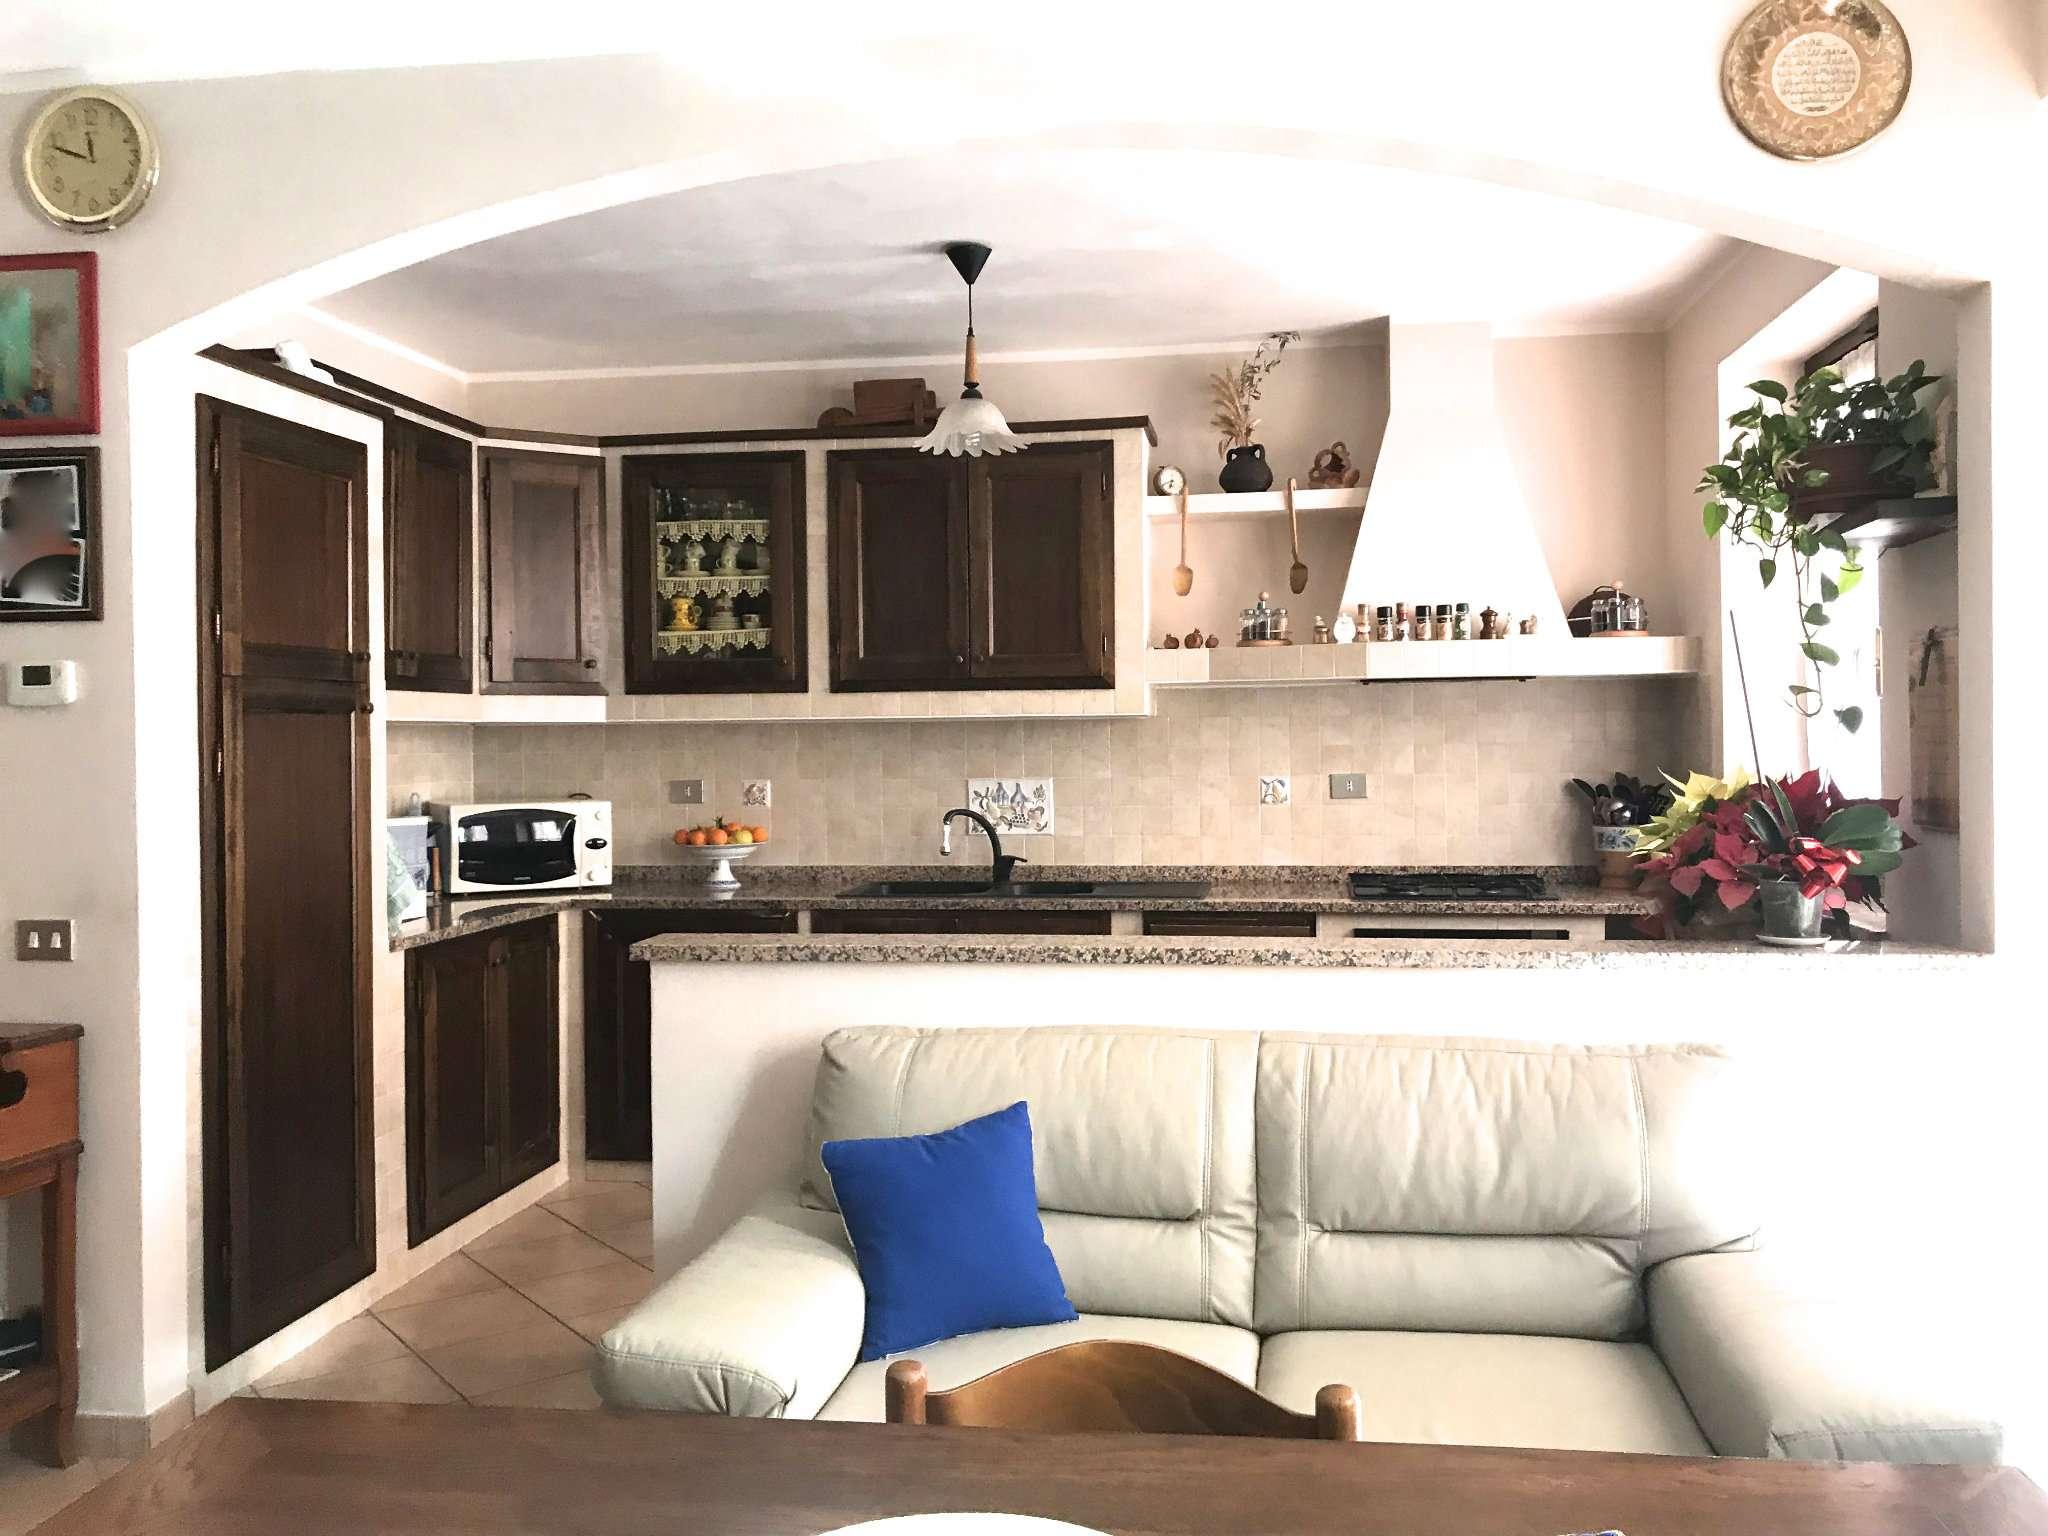 Appartamento in vendita a Bra, 7 locali, prezzo € 235.000 | CambioCasa.it